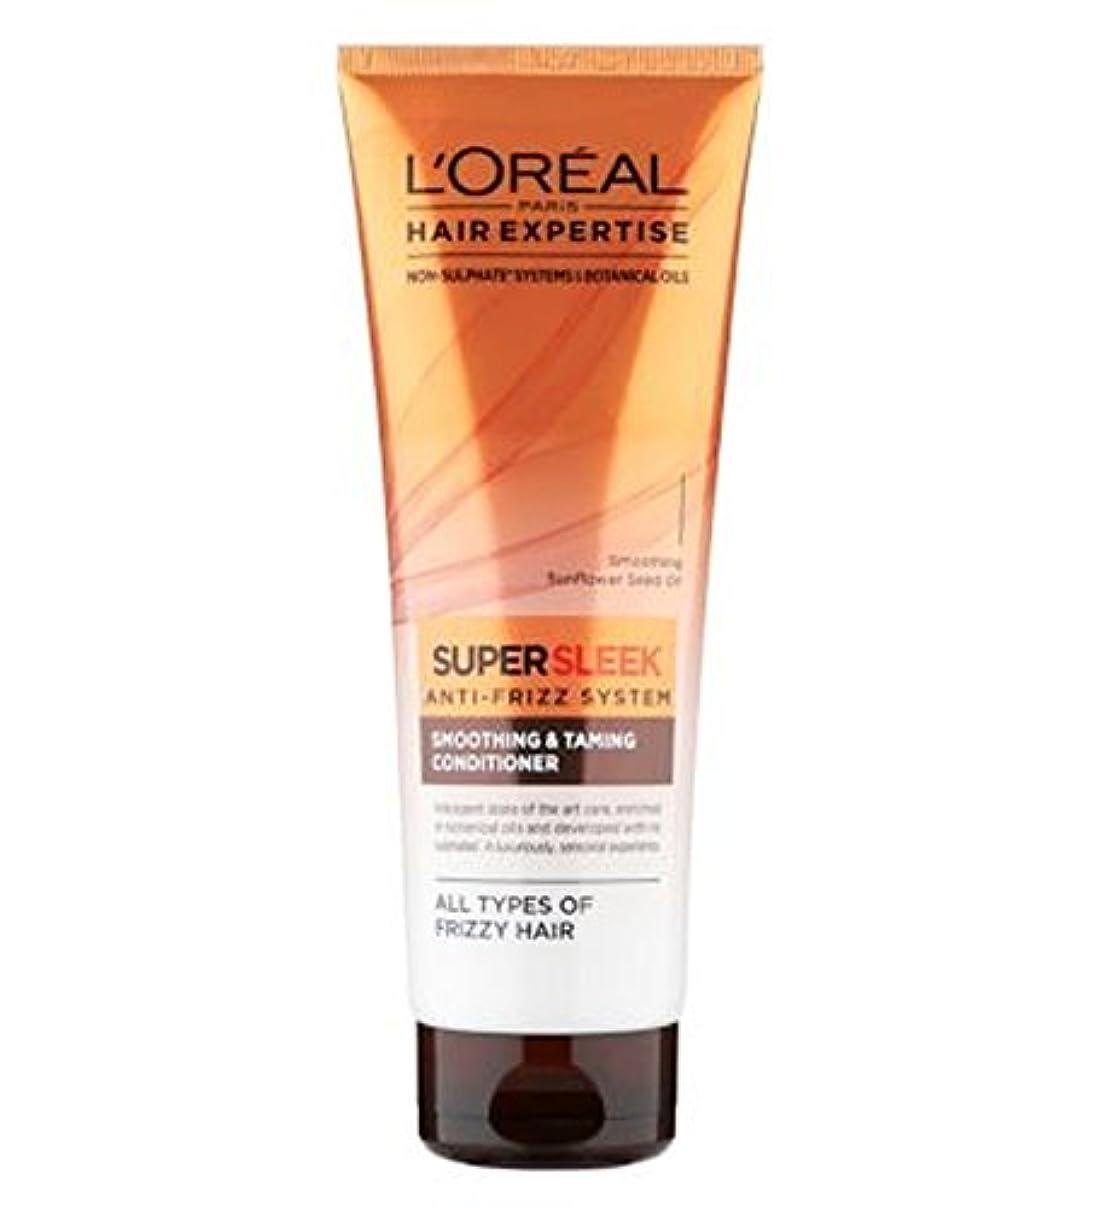 の慈悲で病気の発見するL'Oreall Hair Expertise SuperSleek Conditioner 250ml - L'Oreall髪の専門知識Supersleekコンディショナー250ミリリットル (L'Oreal) [並行輸入品]